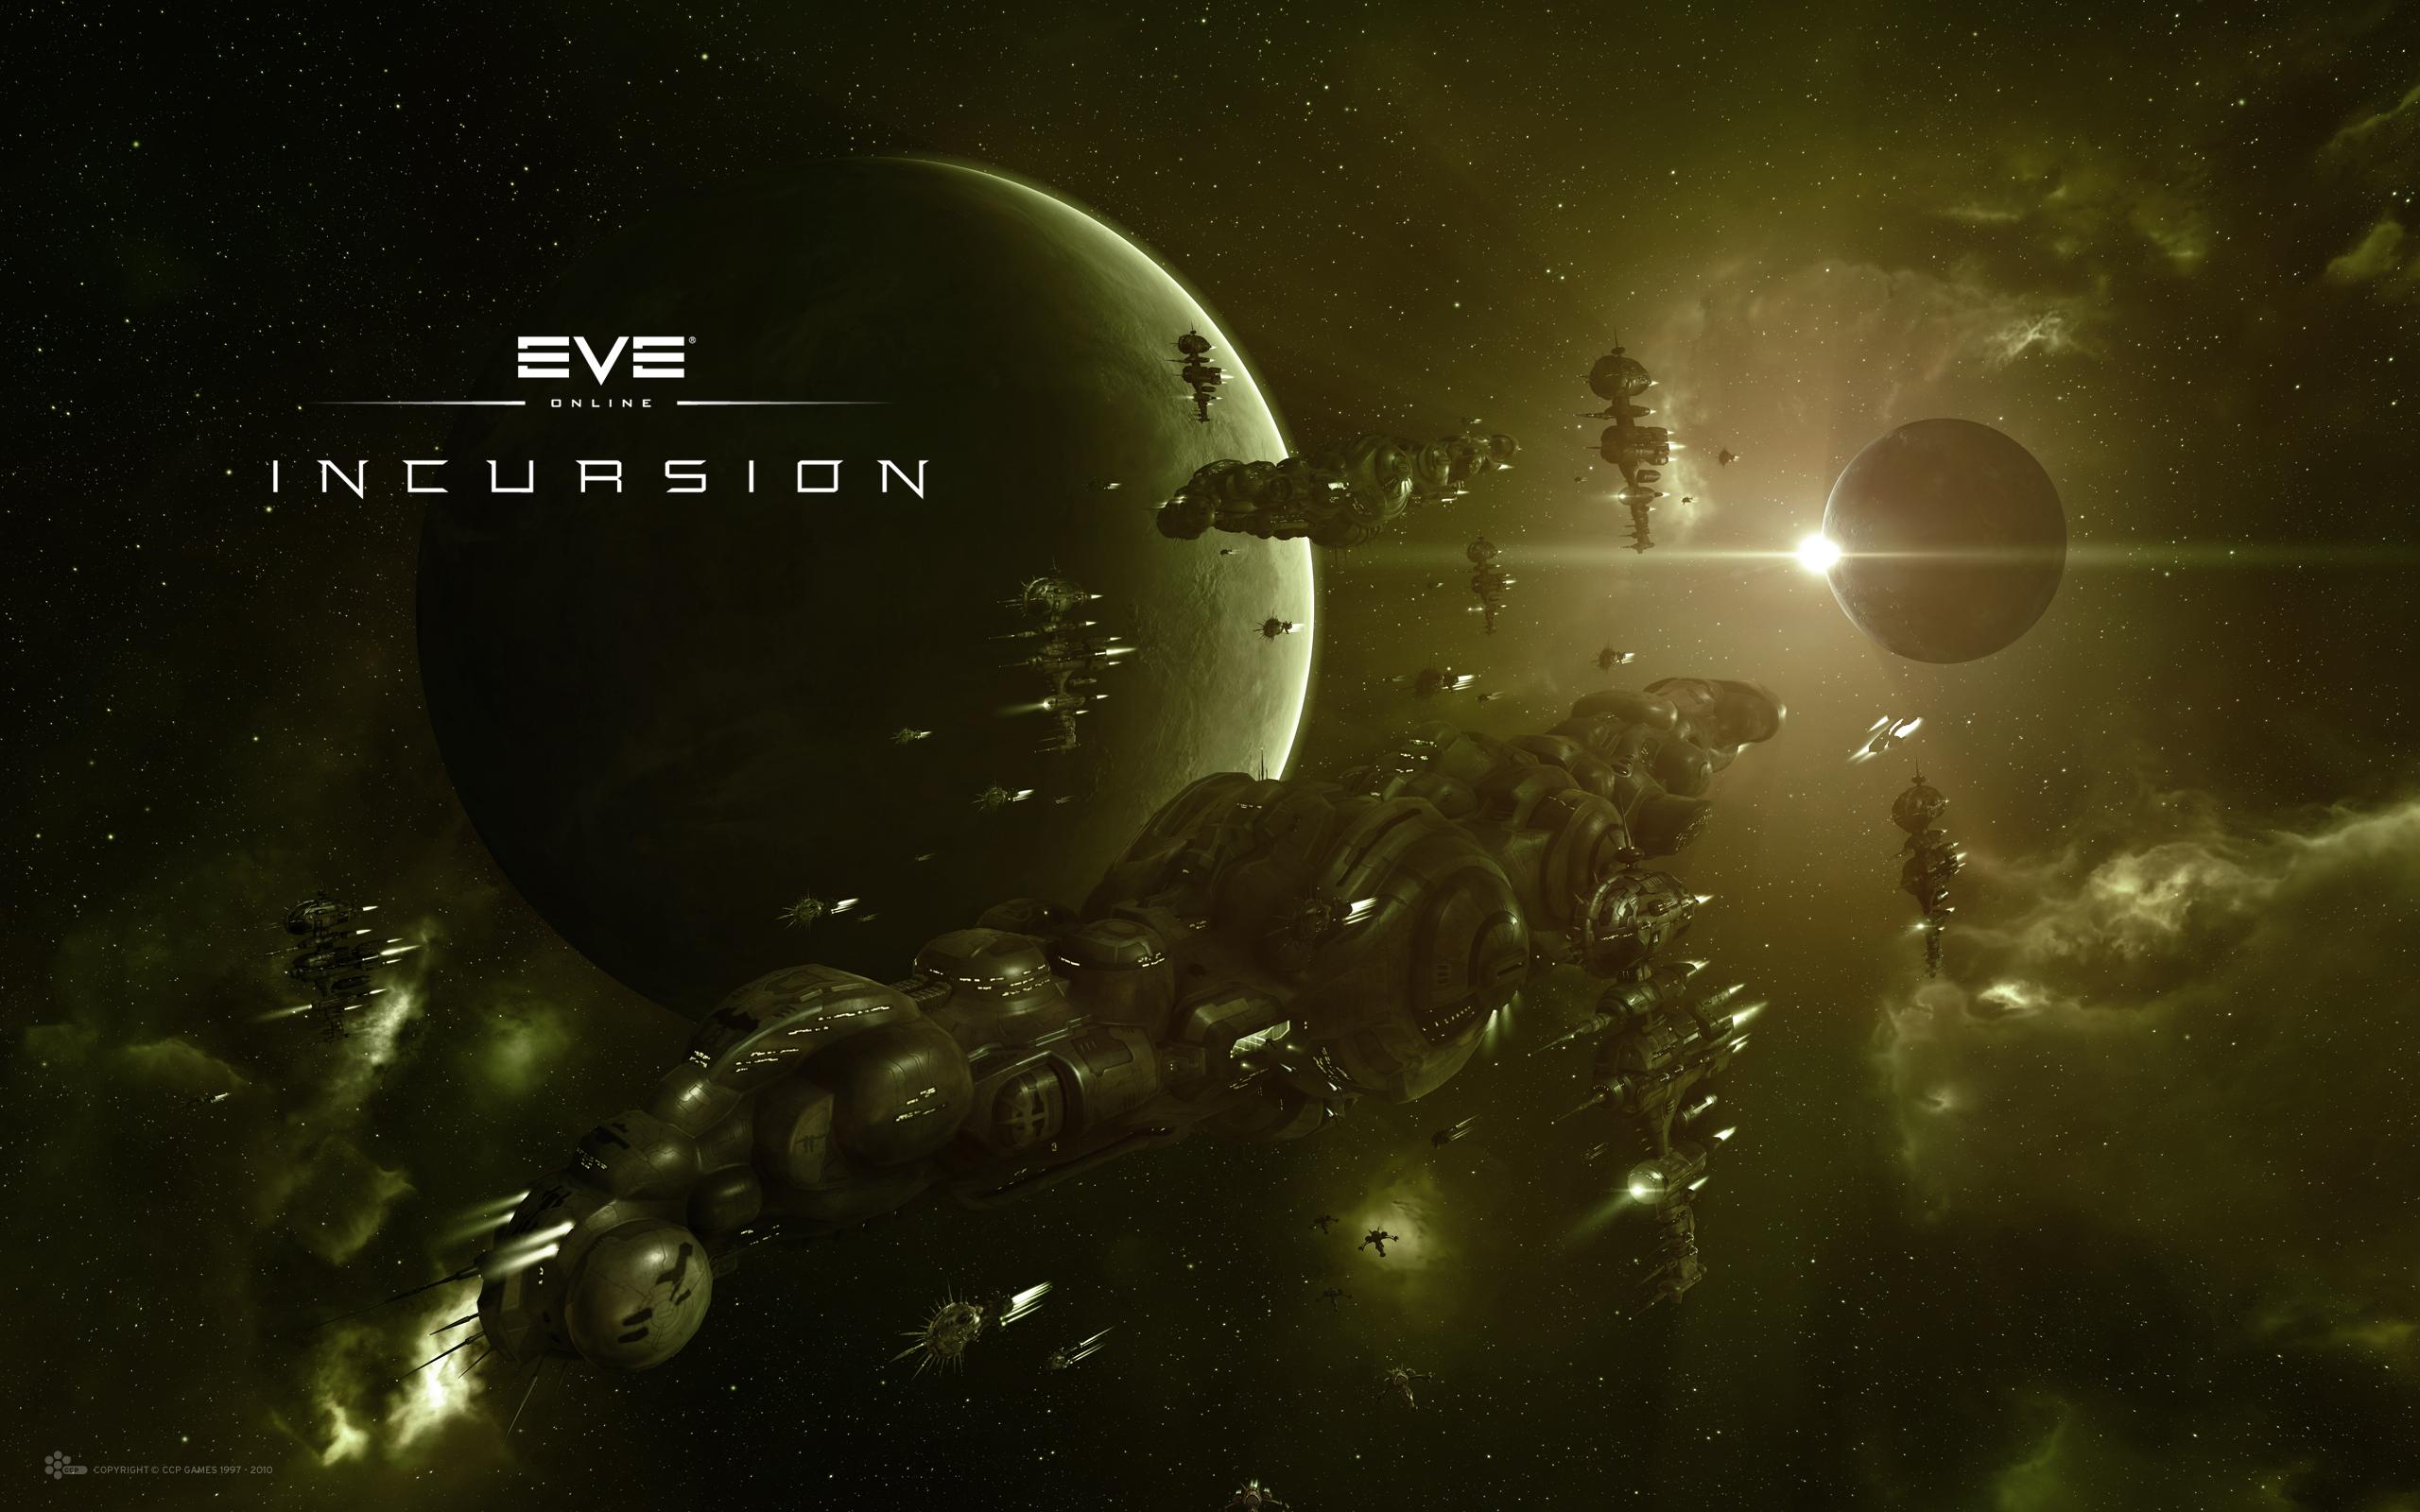 EVE Online wallpaper 7